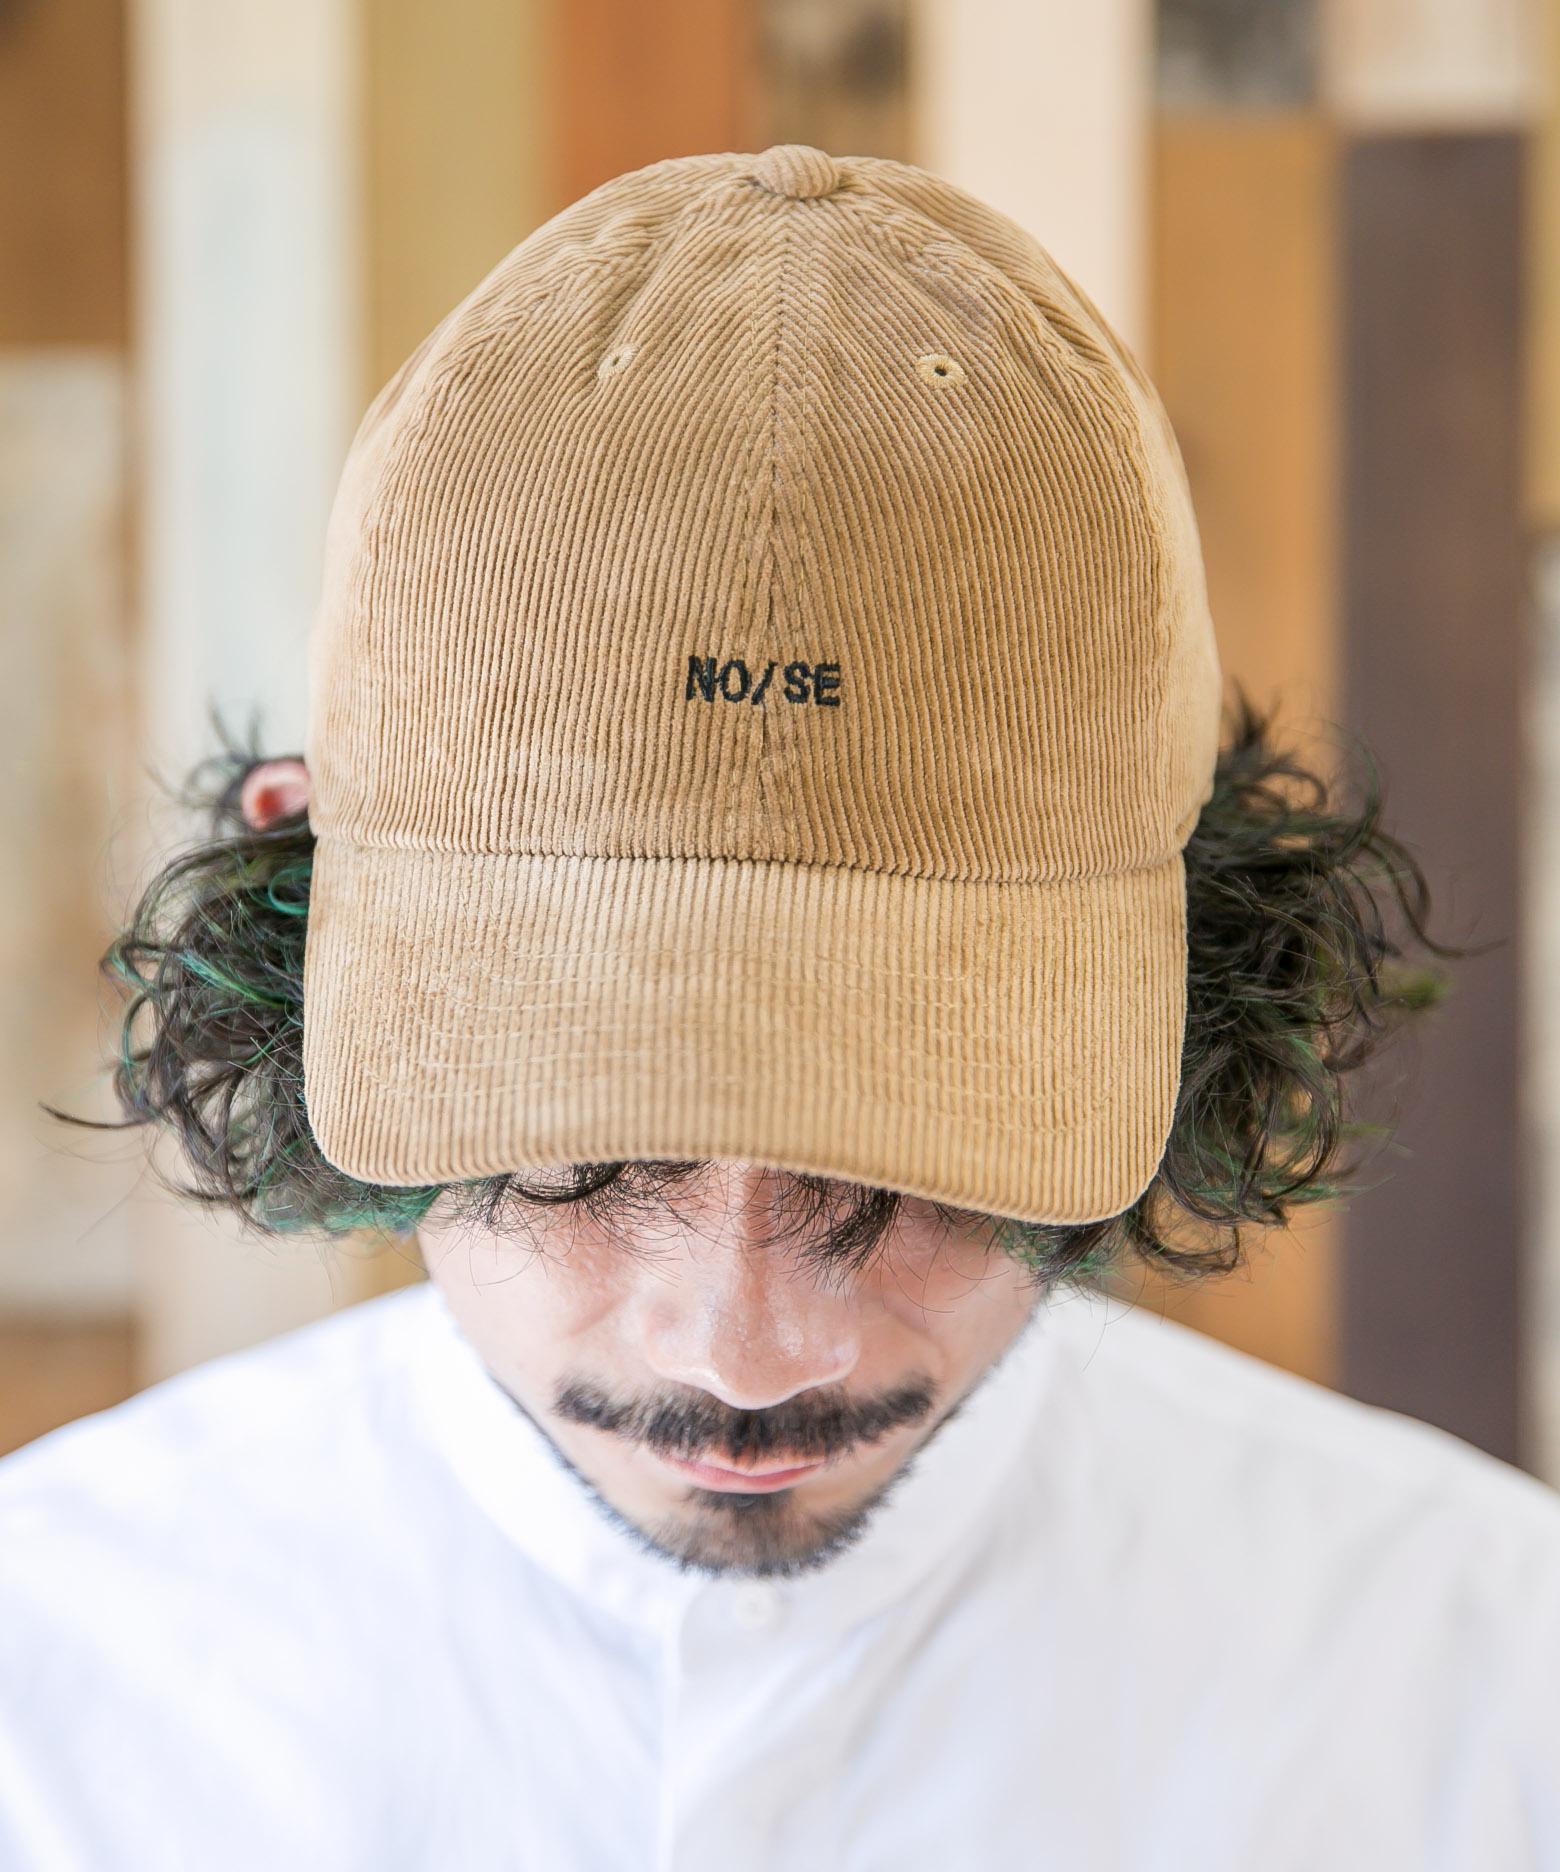 NOISE CORDUROY LOW CAP【ノイズコーデュロイローキャップ】